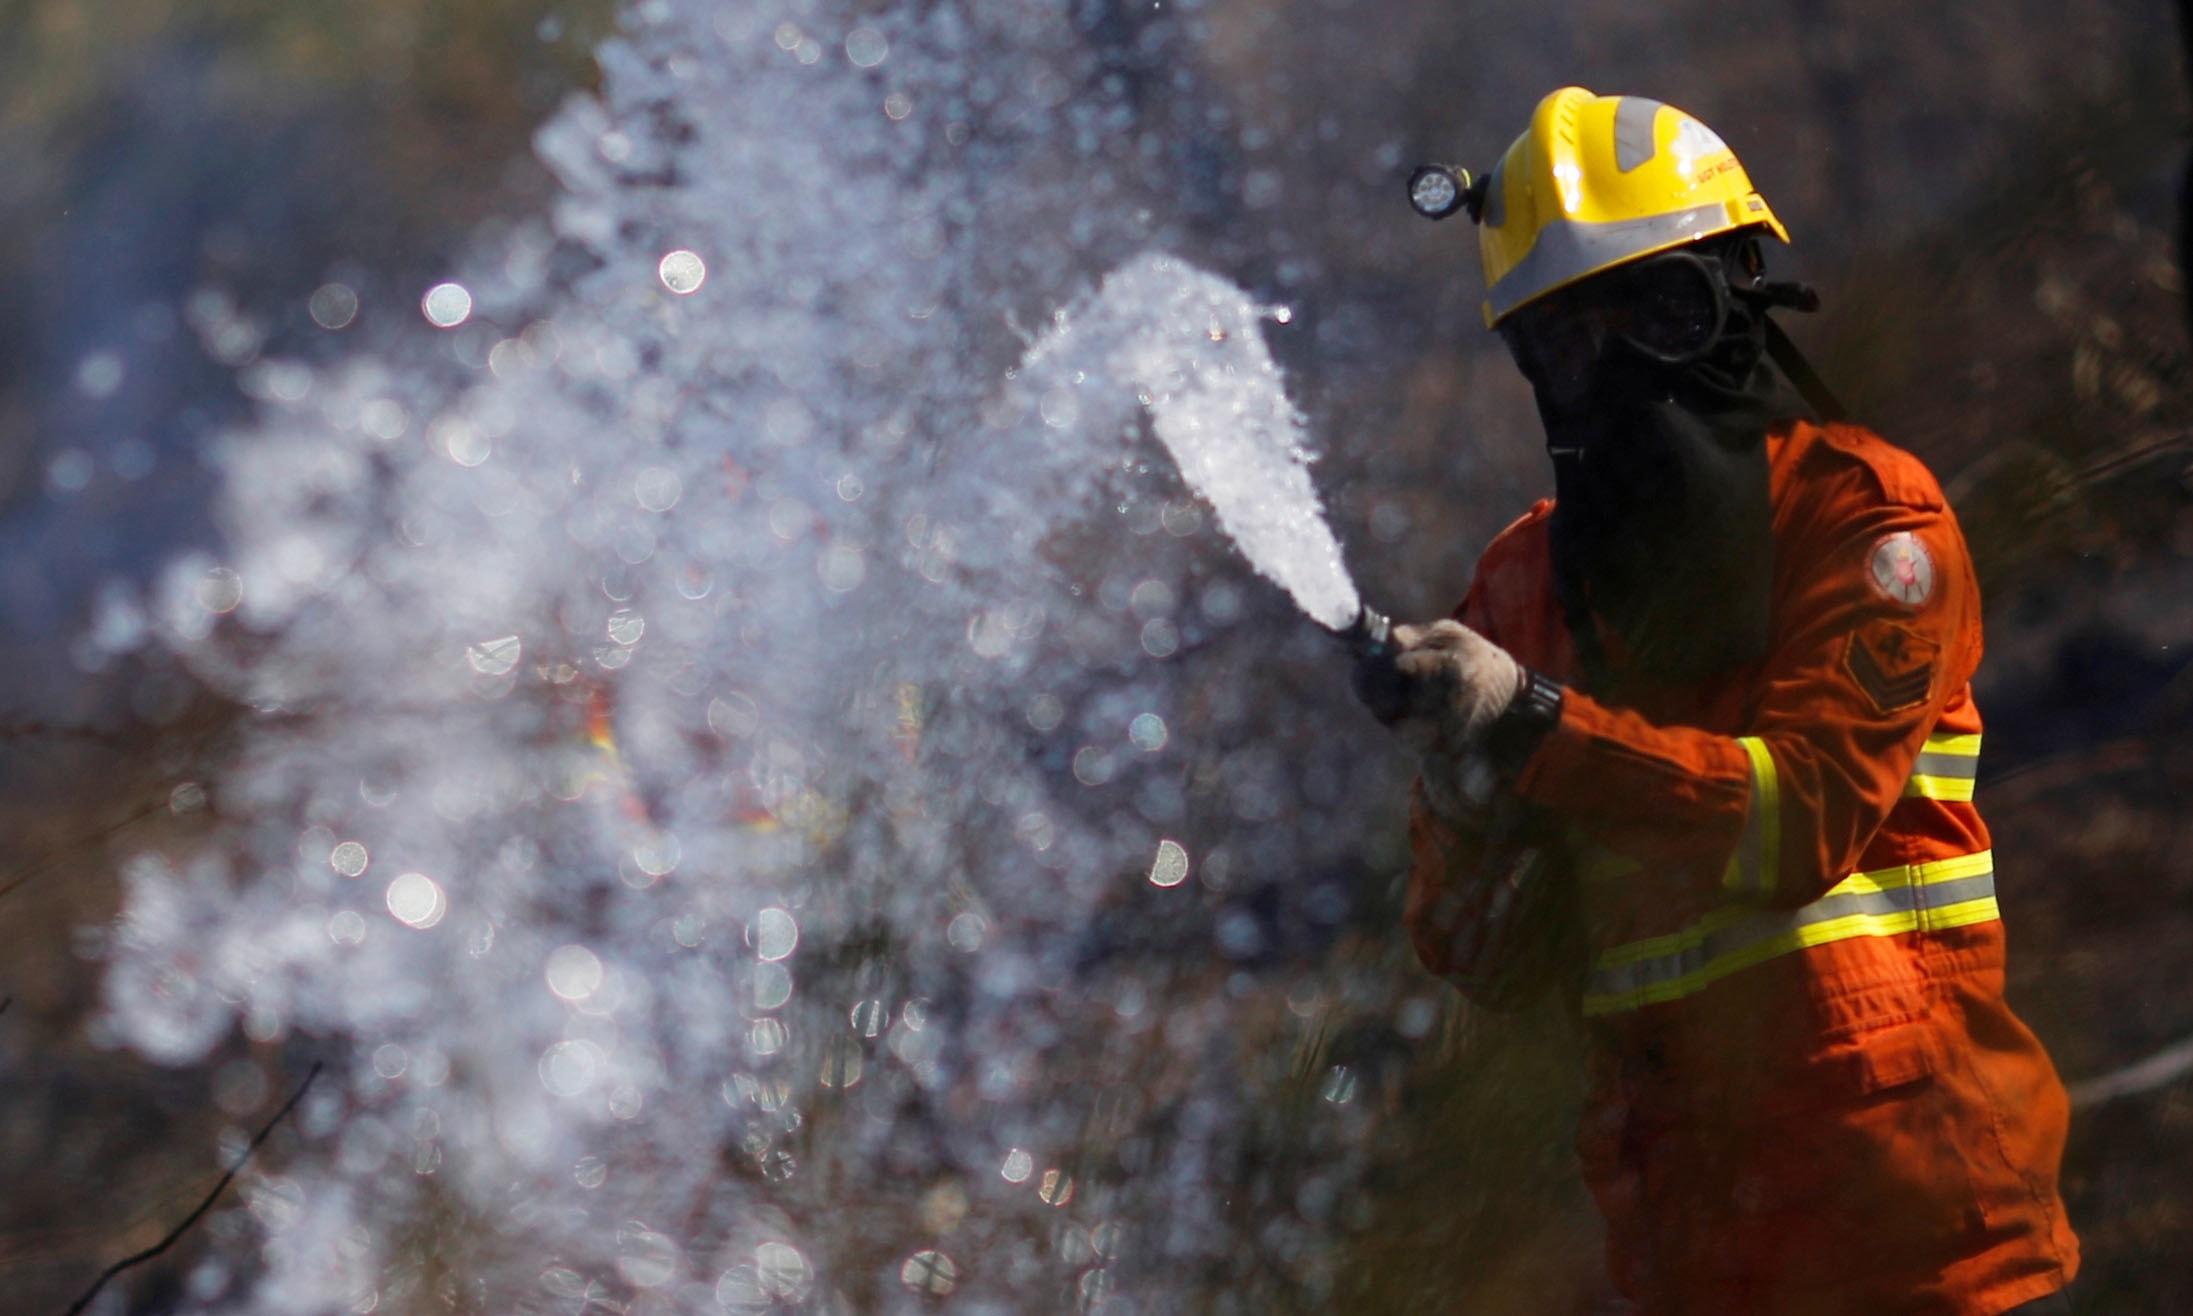 فائر فائٹرز گزشتہ ایک ماہ سے اس آگ کو بجھانے کی کوشش کررہے ہیں —فوٹو/رائٹرز